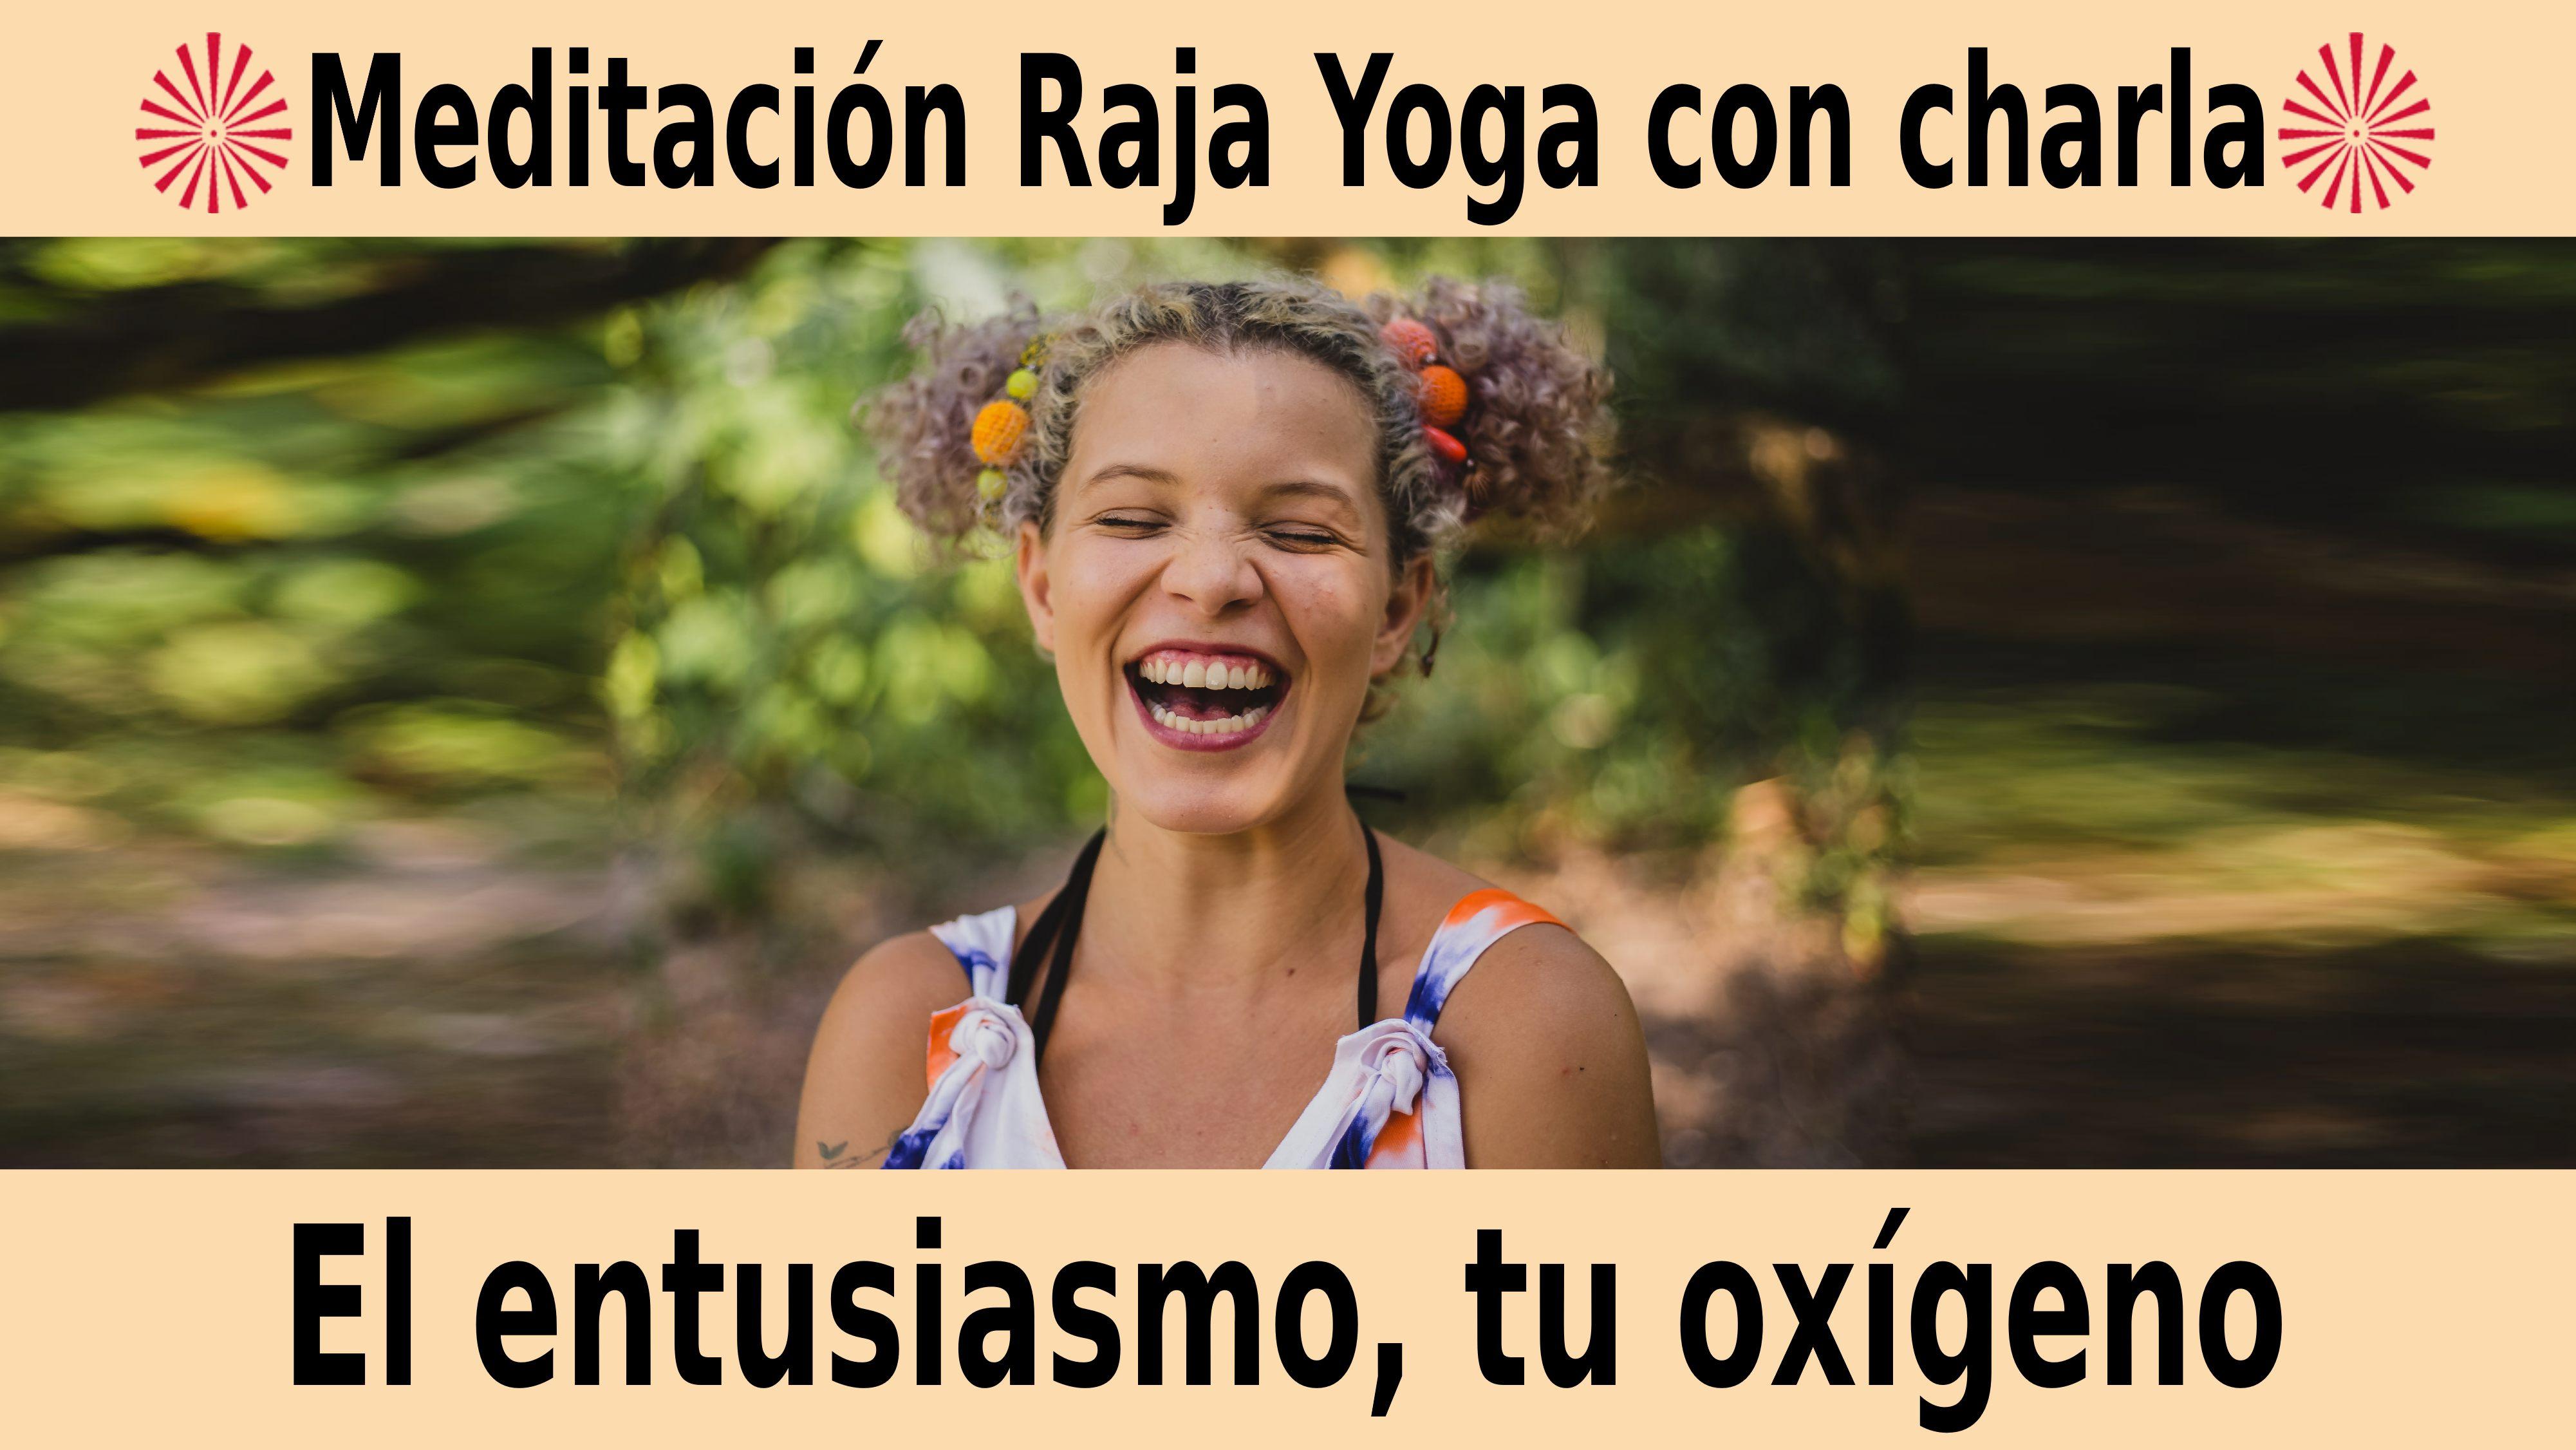 Meditación Raja Yoga con charla: El entusiasmo, tu oxígeno (18 Noviembre 2020) On-line desde Sevilla